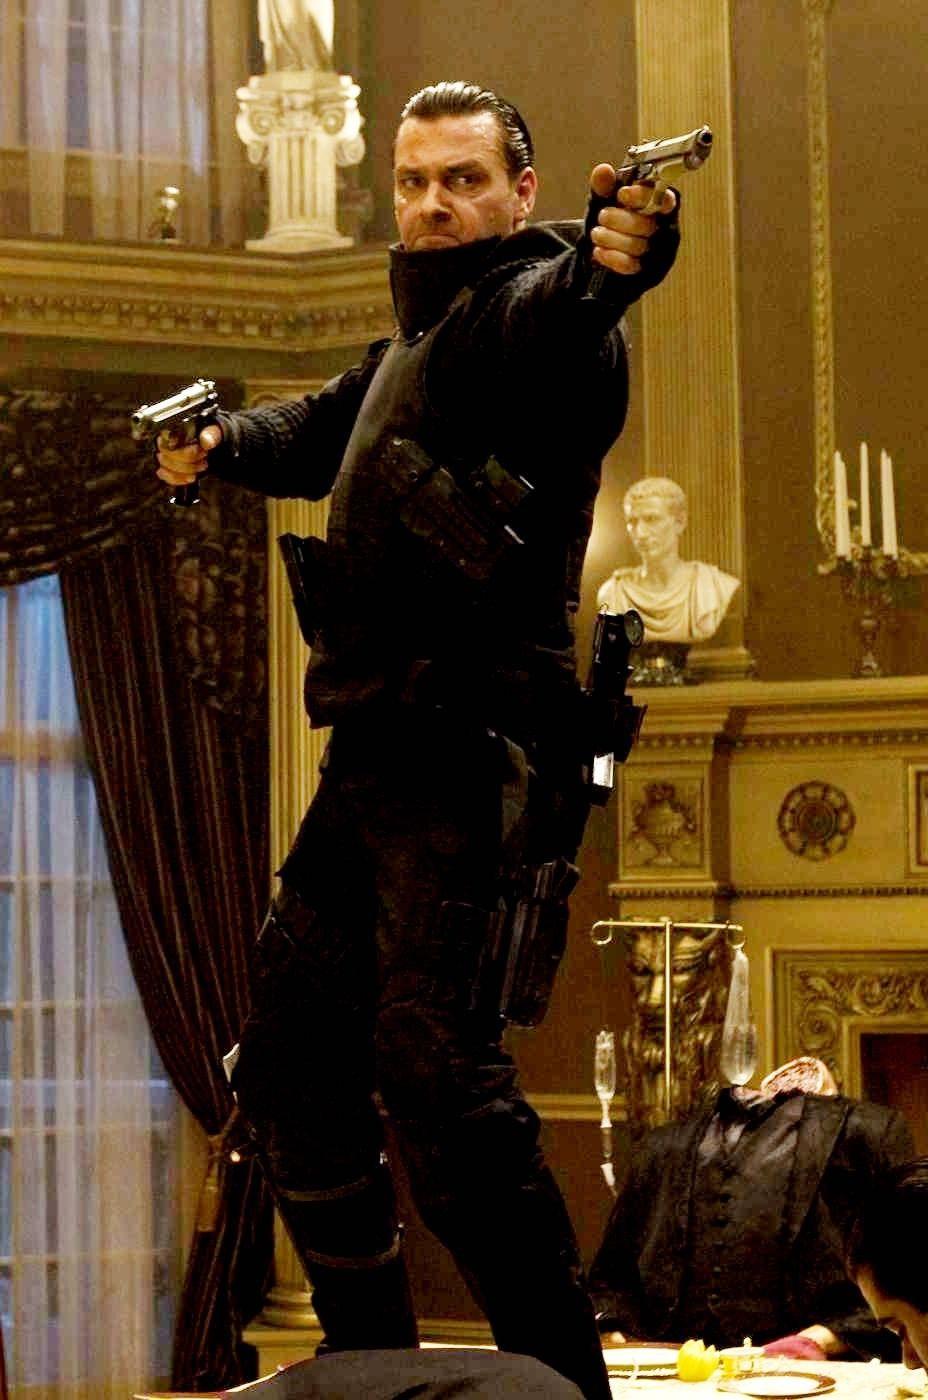 Jasonfnsaint Ray Stevenson As Frank Castle In Punisher War Zone 2008 Punisher Frankcastle Raysteven Punisher Marvel And Dc Characters Punisher Marvel